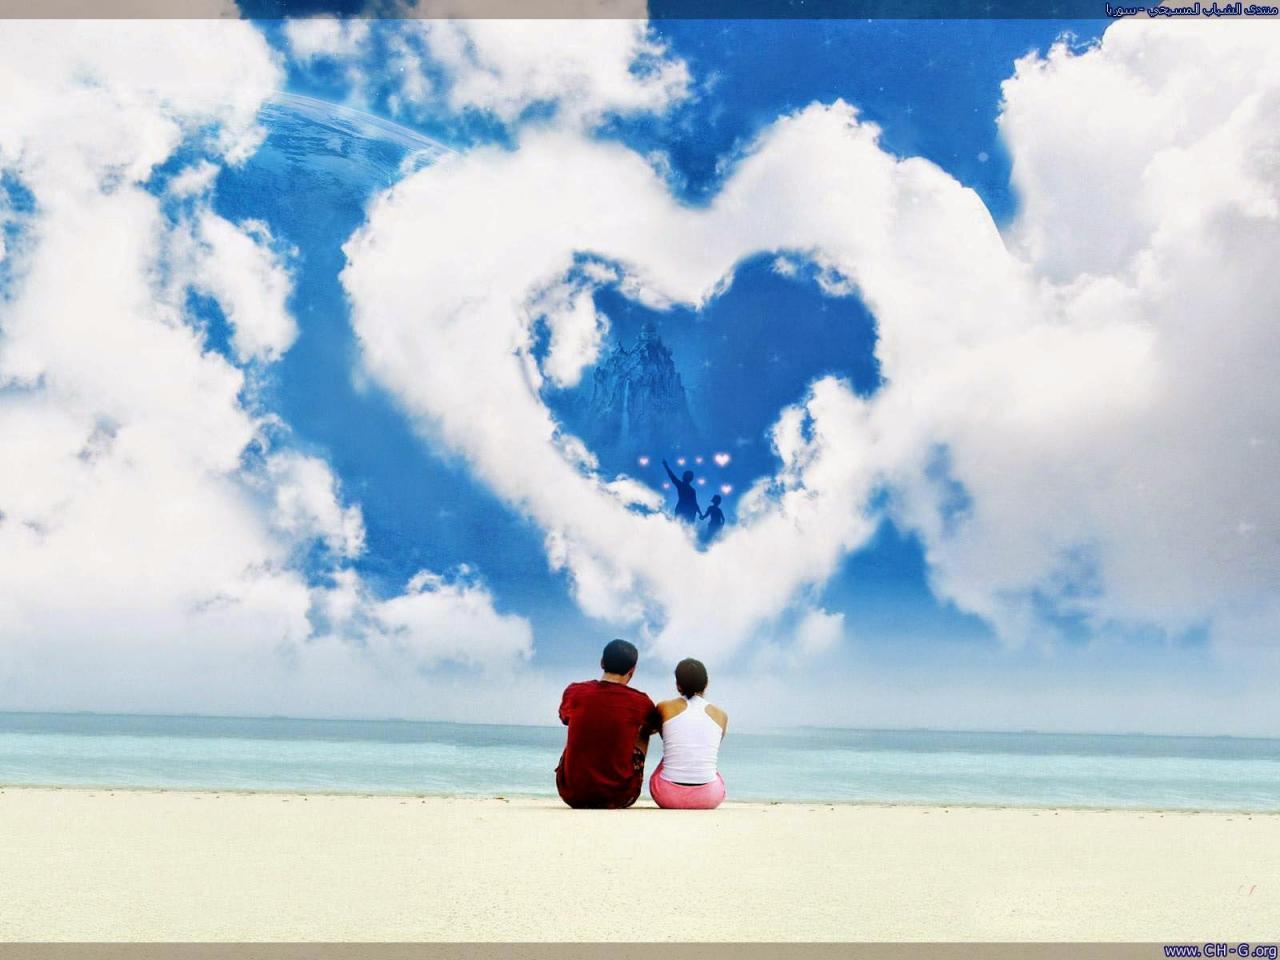 صورة كيف تعرف الفتاة ان الشاب يحبها حب حقيقي , اتعرفي علي الحب الحقيقي